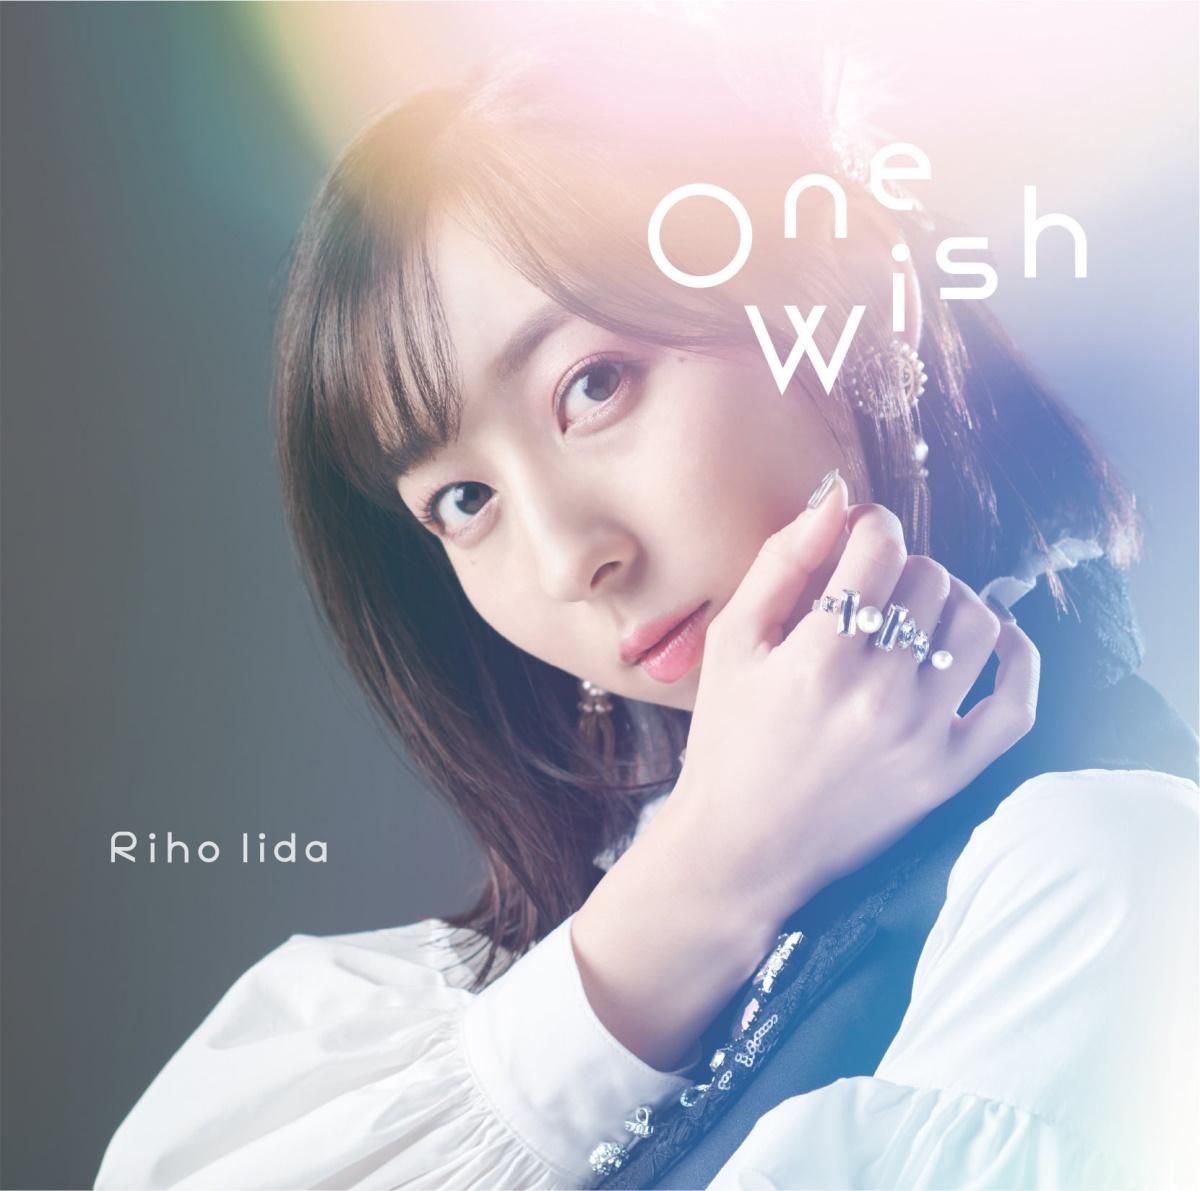 『飯田里穂 - One Wish 歌詞』収録の『One Wish』ジャケット